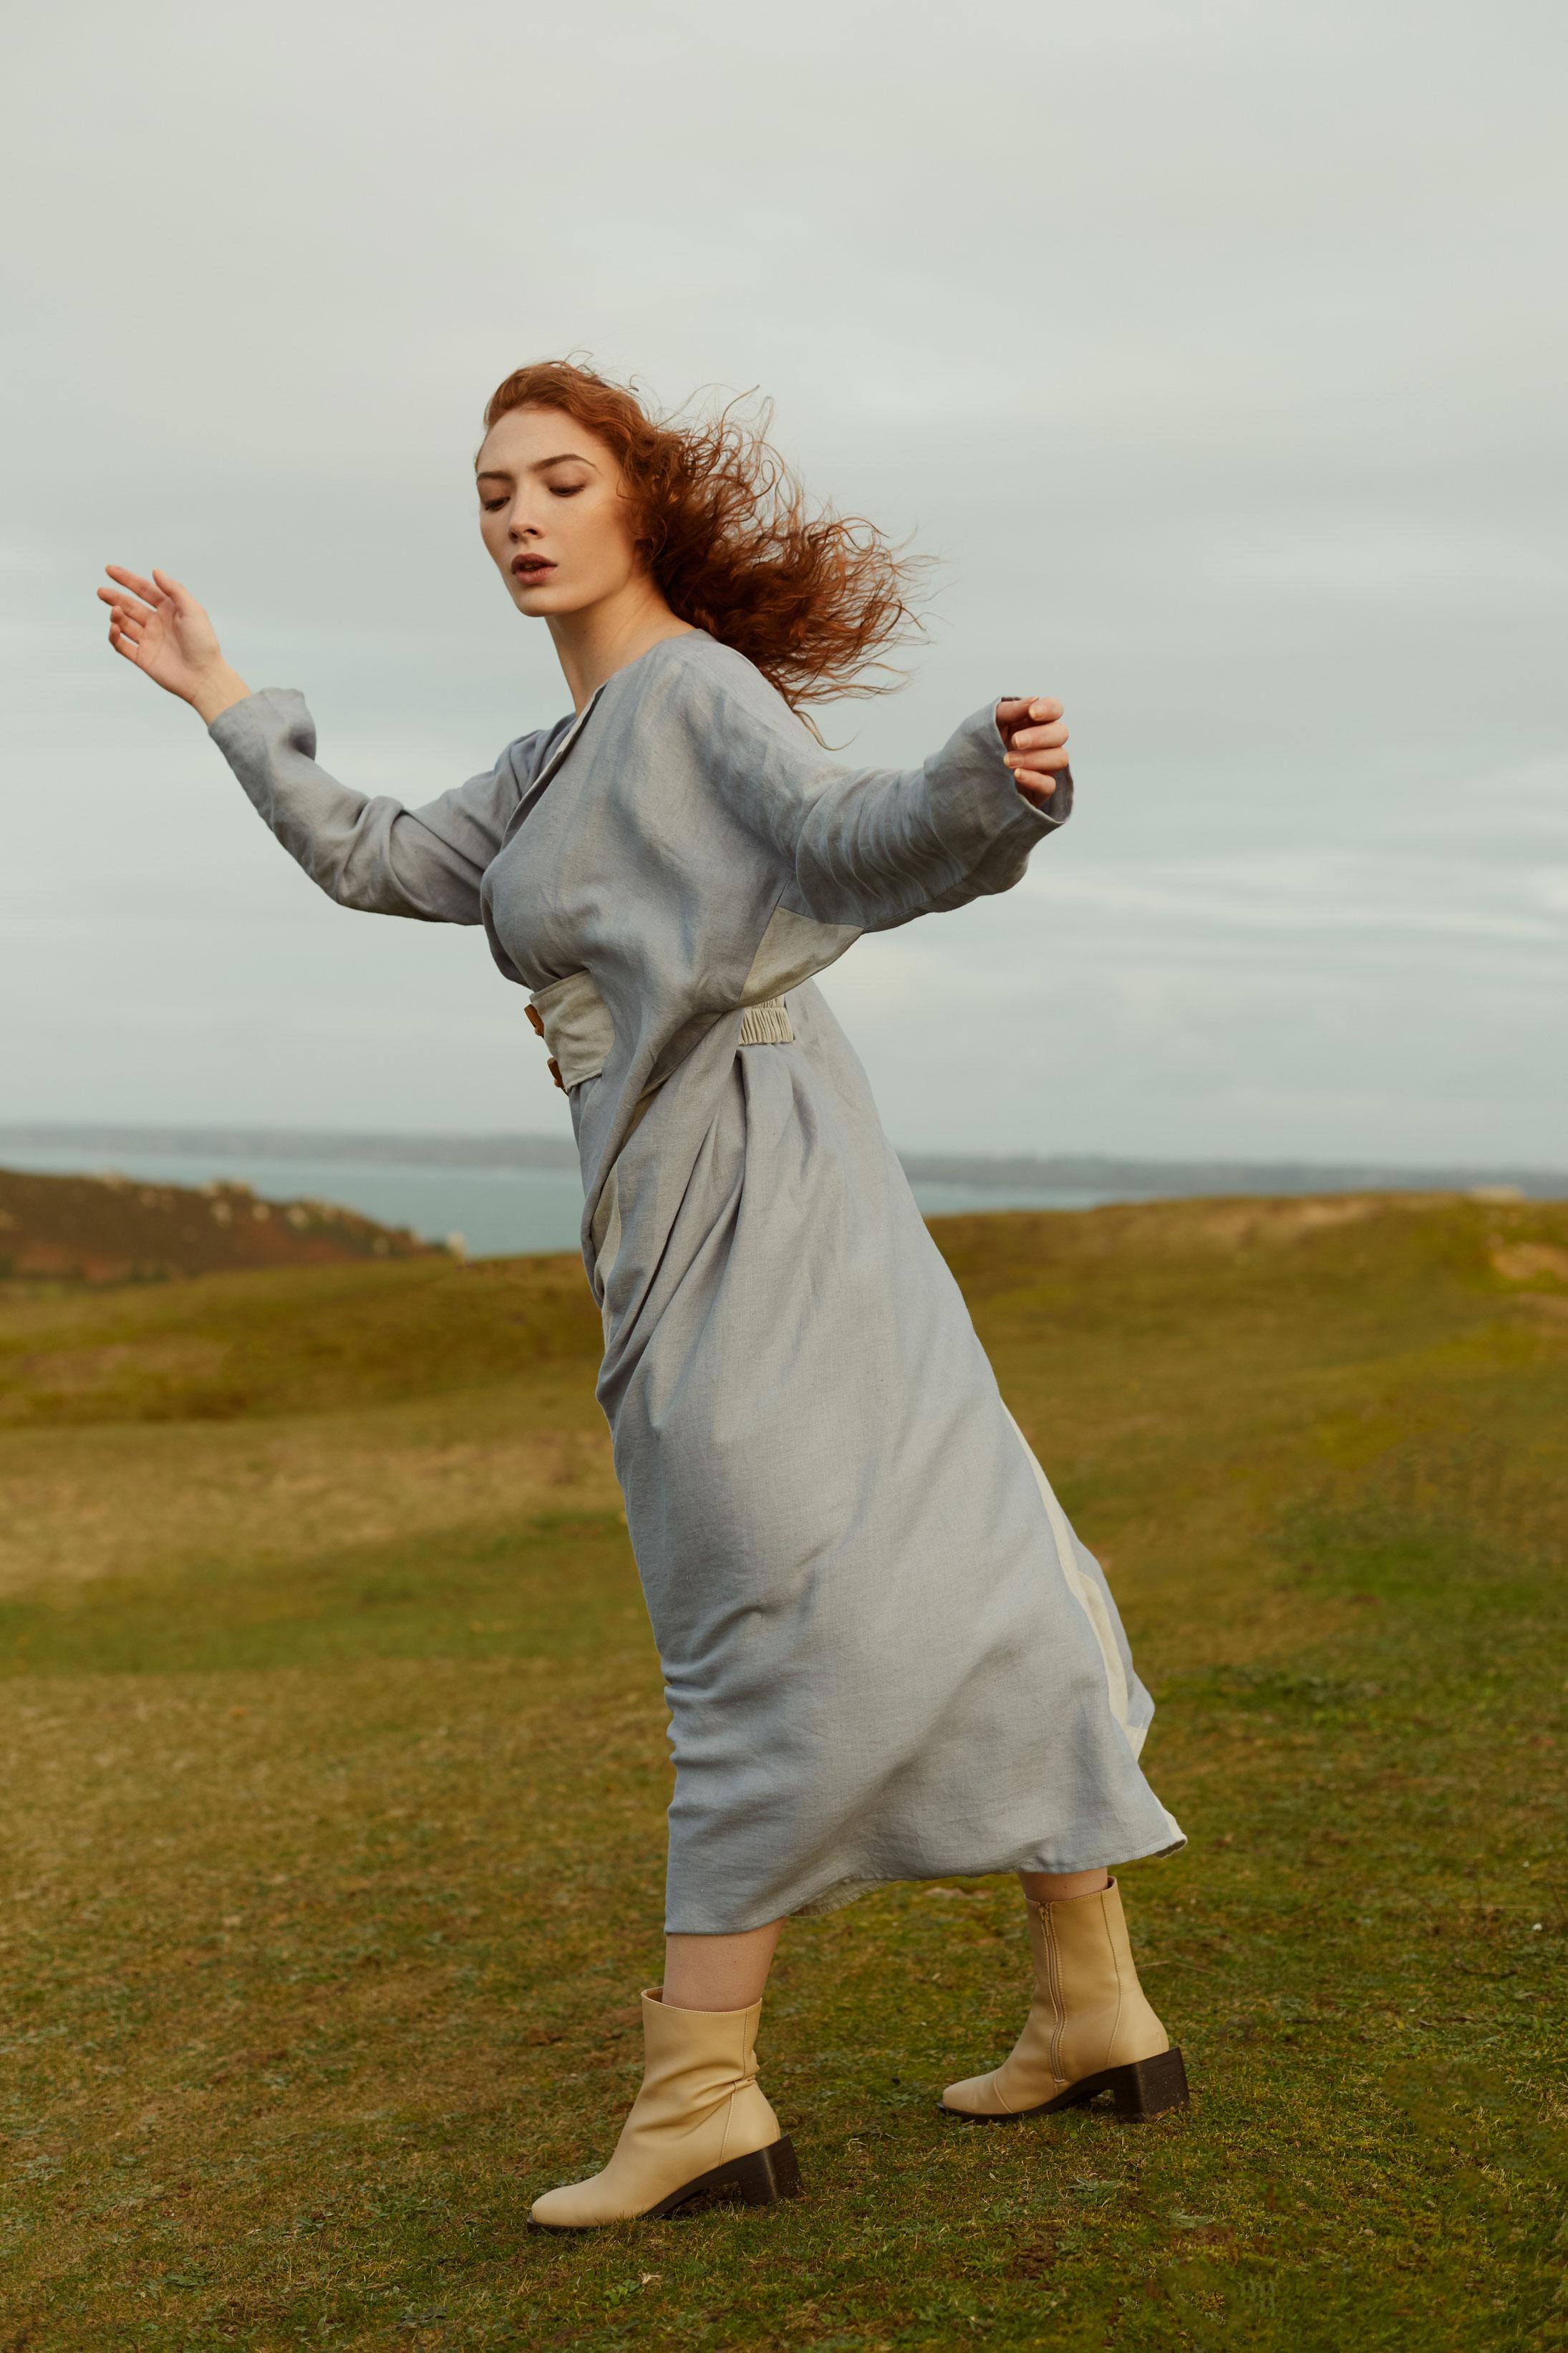 photographe de mode - production en Bretagne